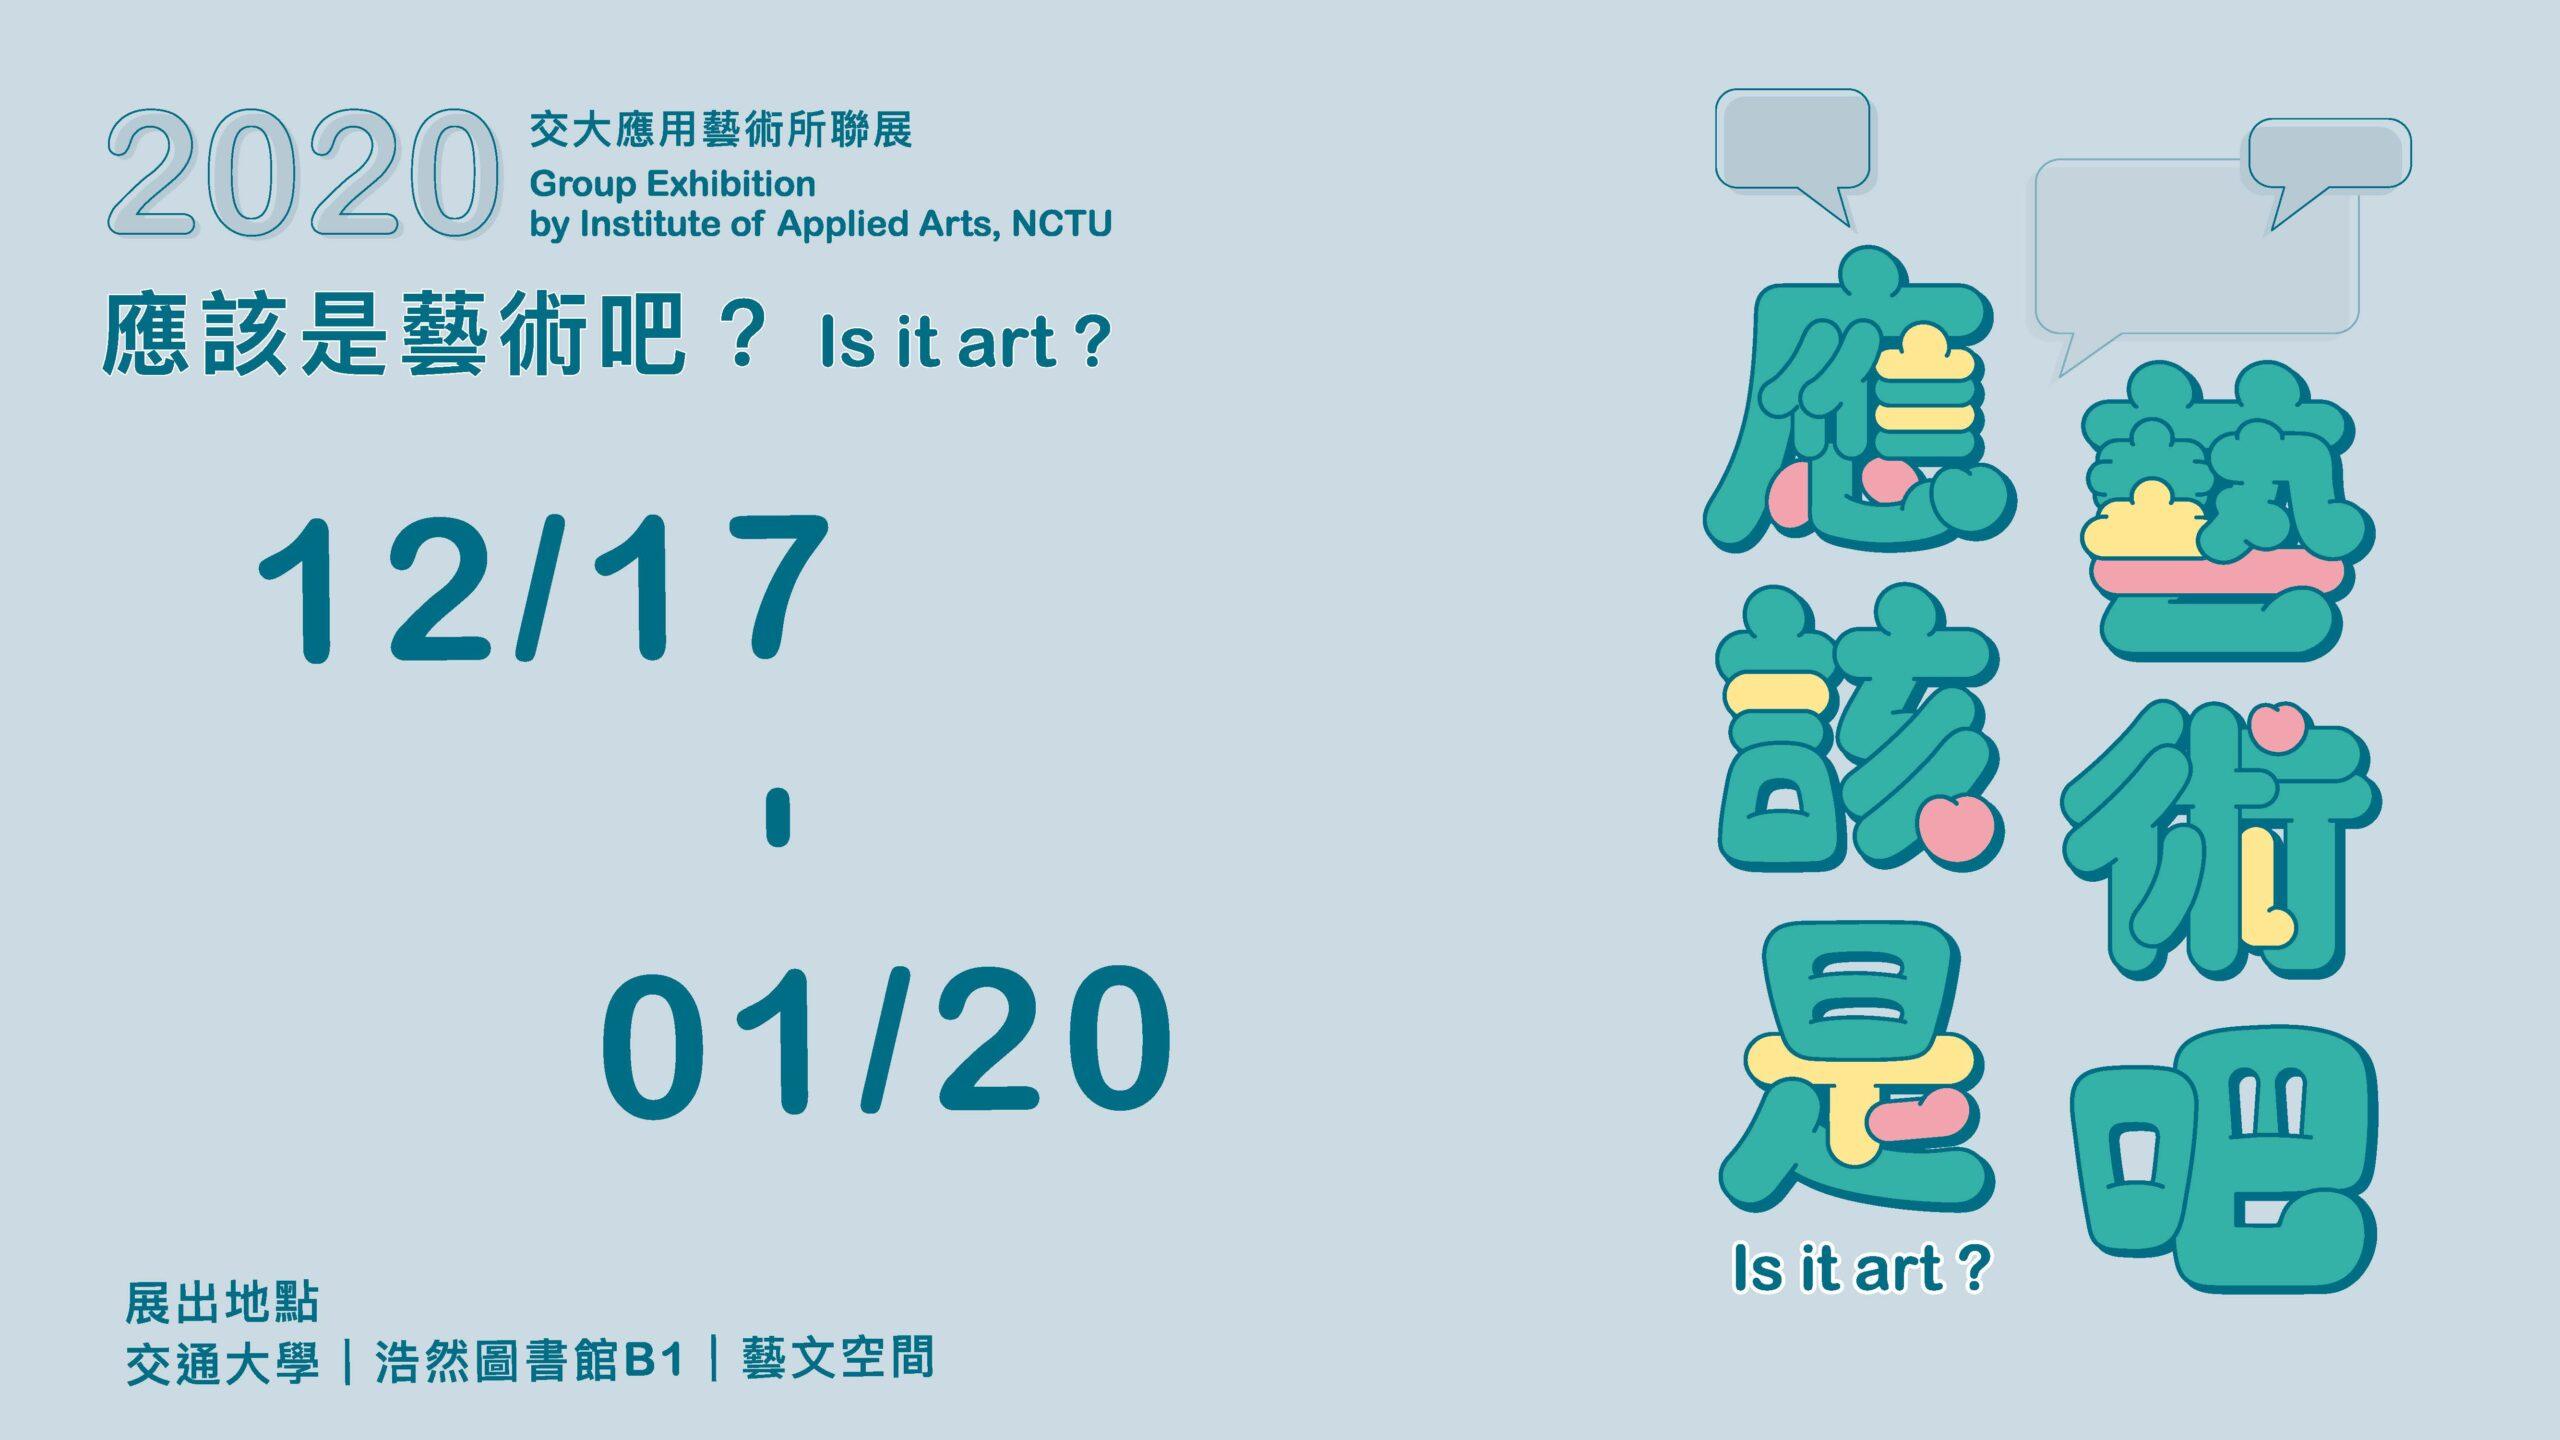 應該是藝術吧?__2020交大應用藝術研究所聯展